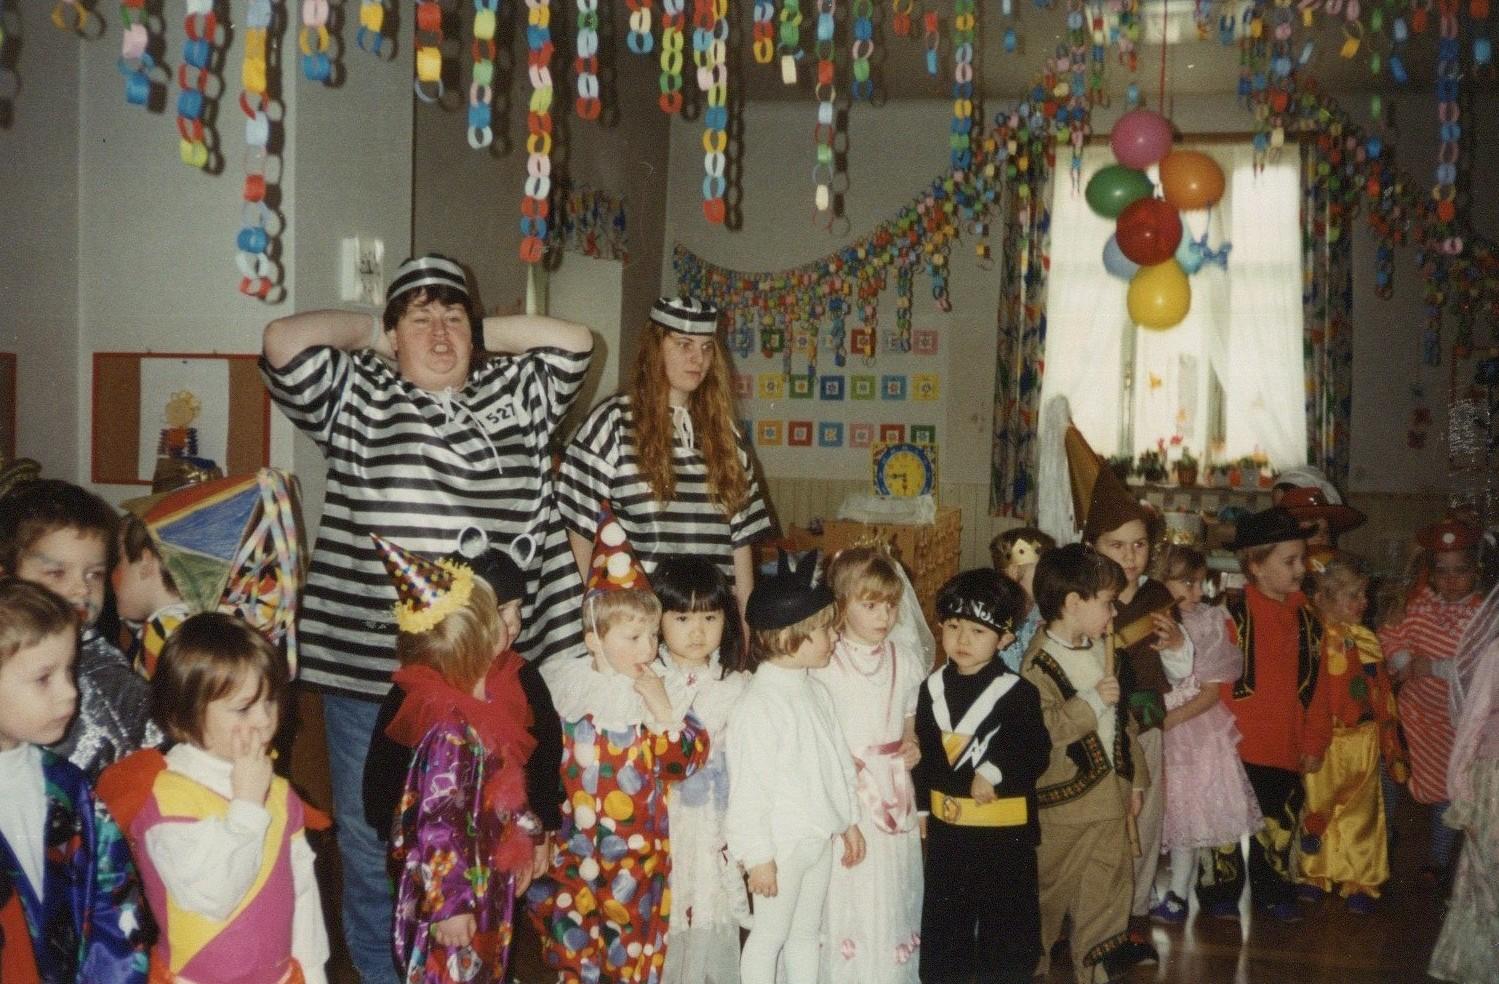 クロアチアでのハロウィンパーティ。真ん中の黒い仮装姿が亀田さん